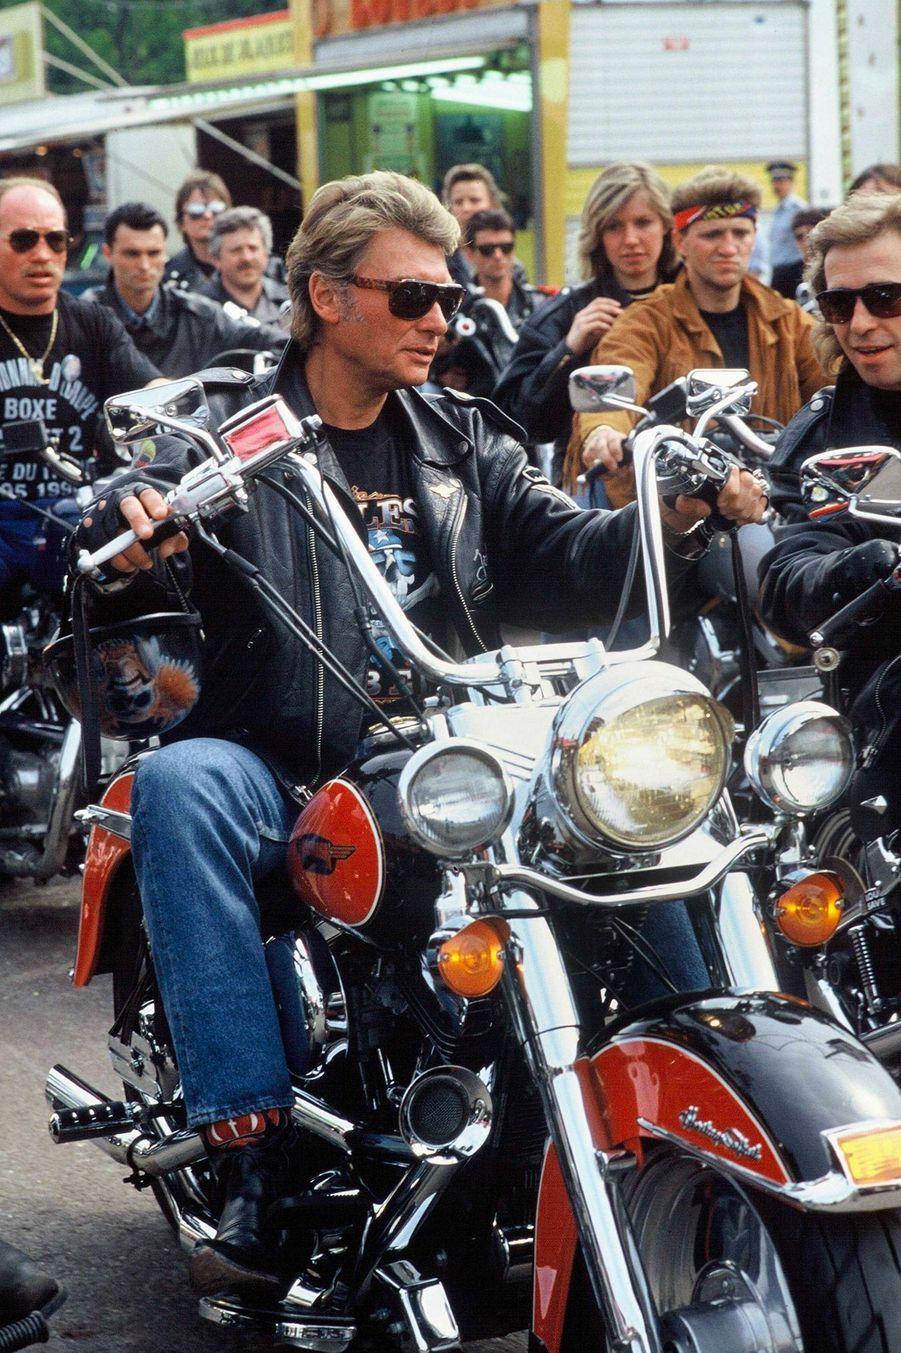 Johnny Hallyday lors du rassemblement de Harley Davidson à Paris, le 14 mai 1990.